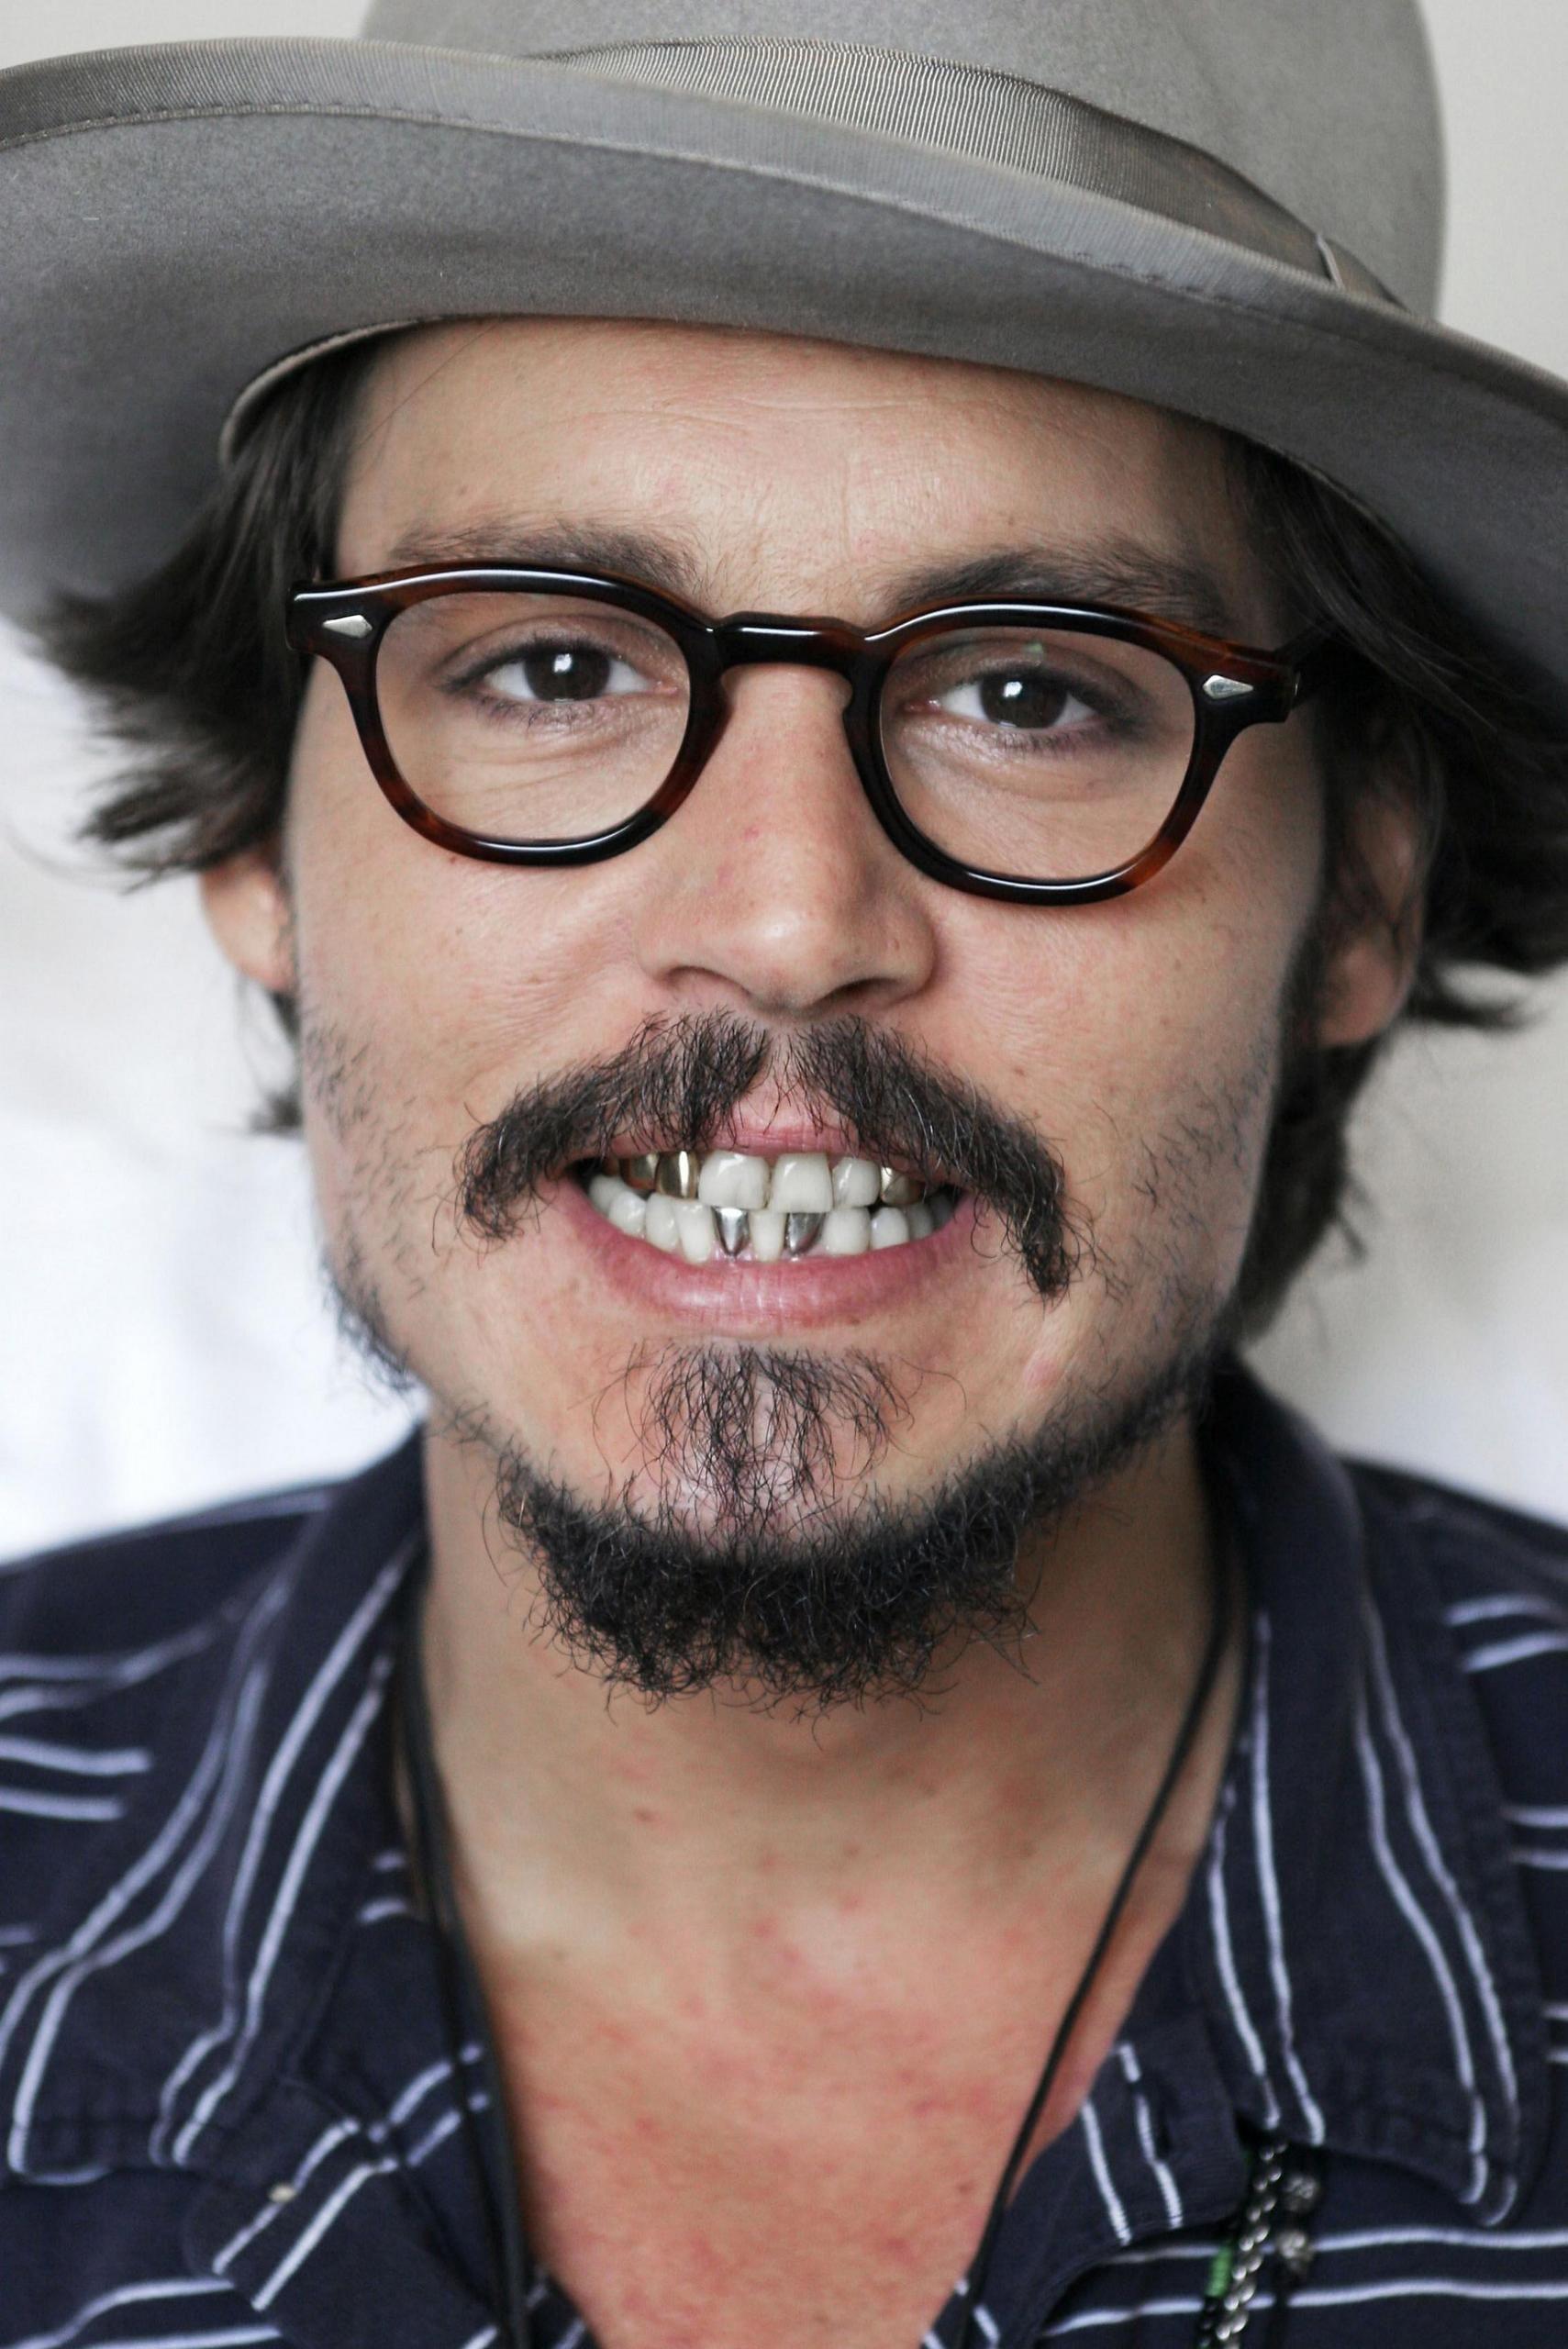 ¿Porqué lleva dientes de oro?